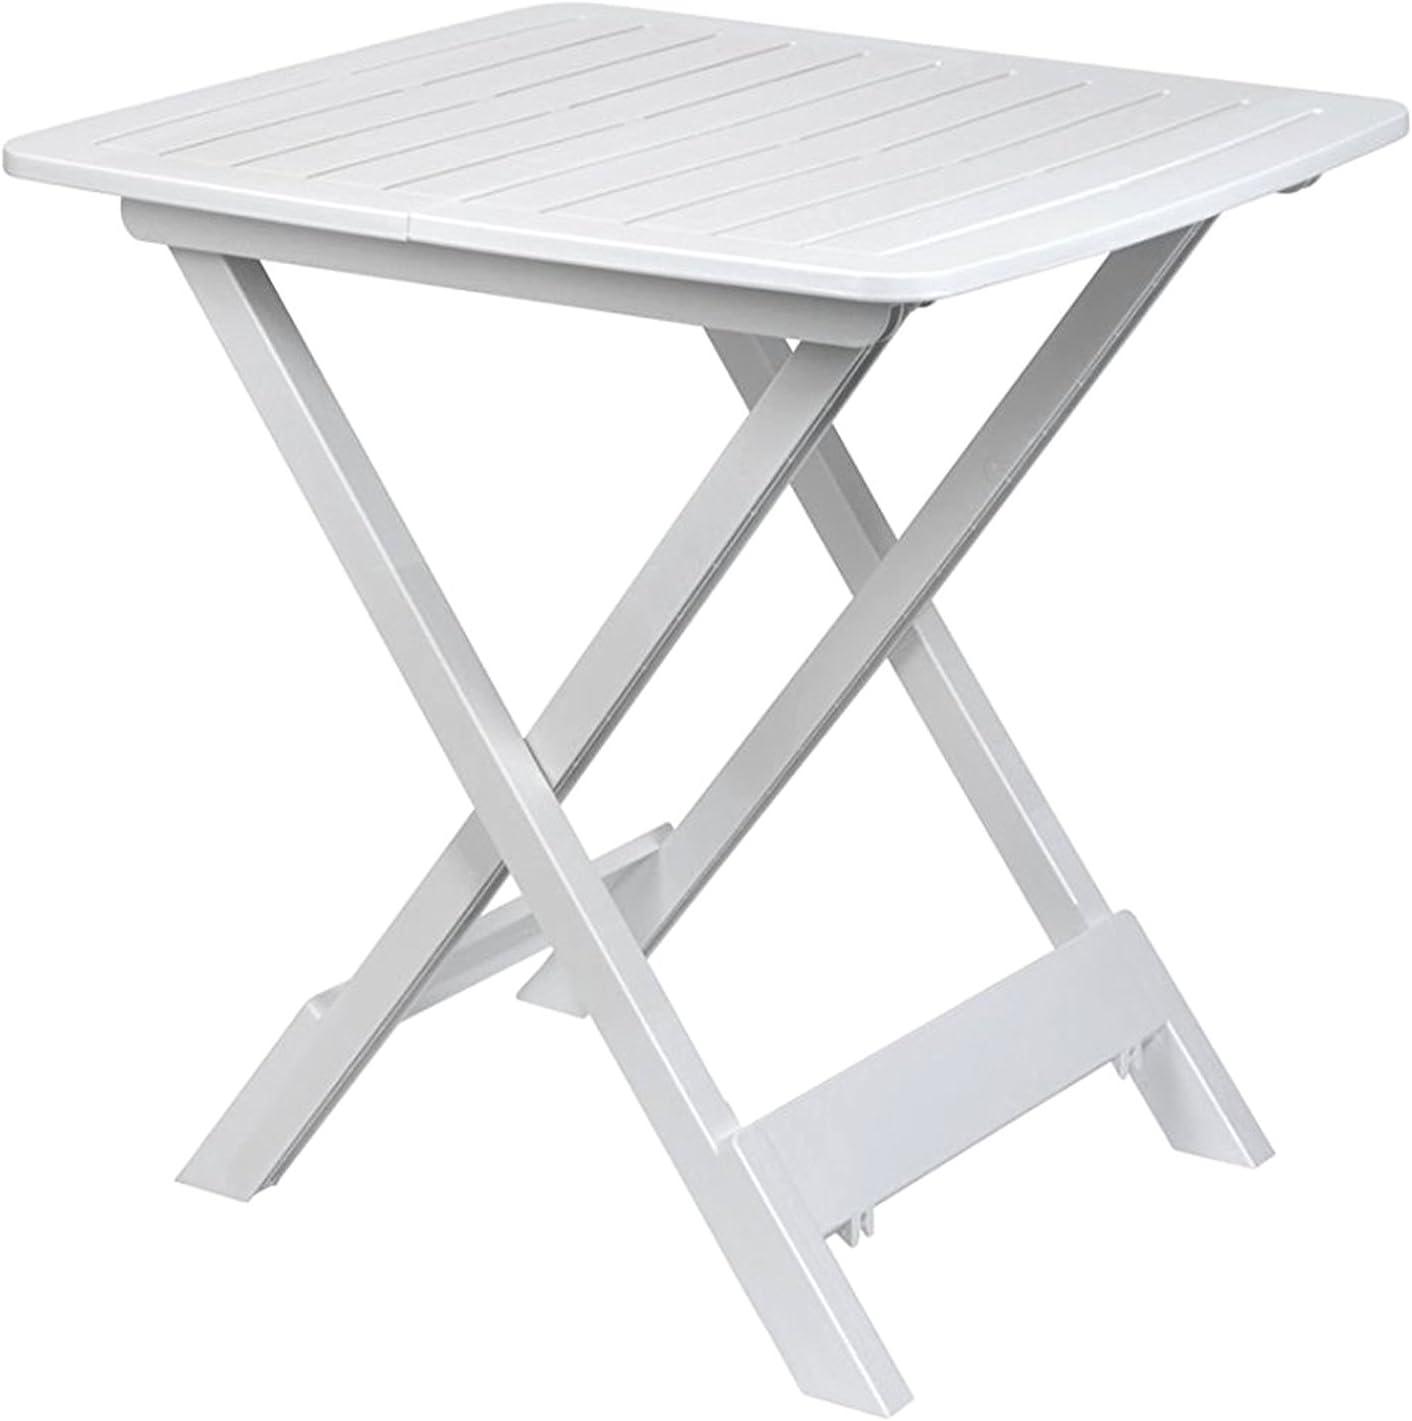 FineHome Mesa de camping plegable para jardín, mesa auxiliar, mesa auxiliar de viaje, mesa de plástico en color blanco, 80 x 72 x 70 cm